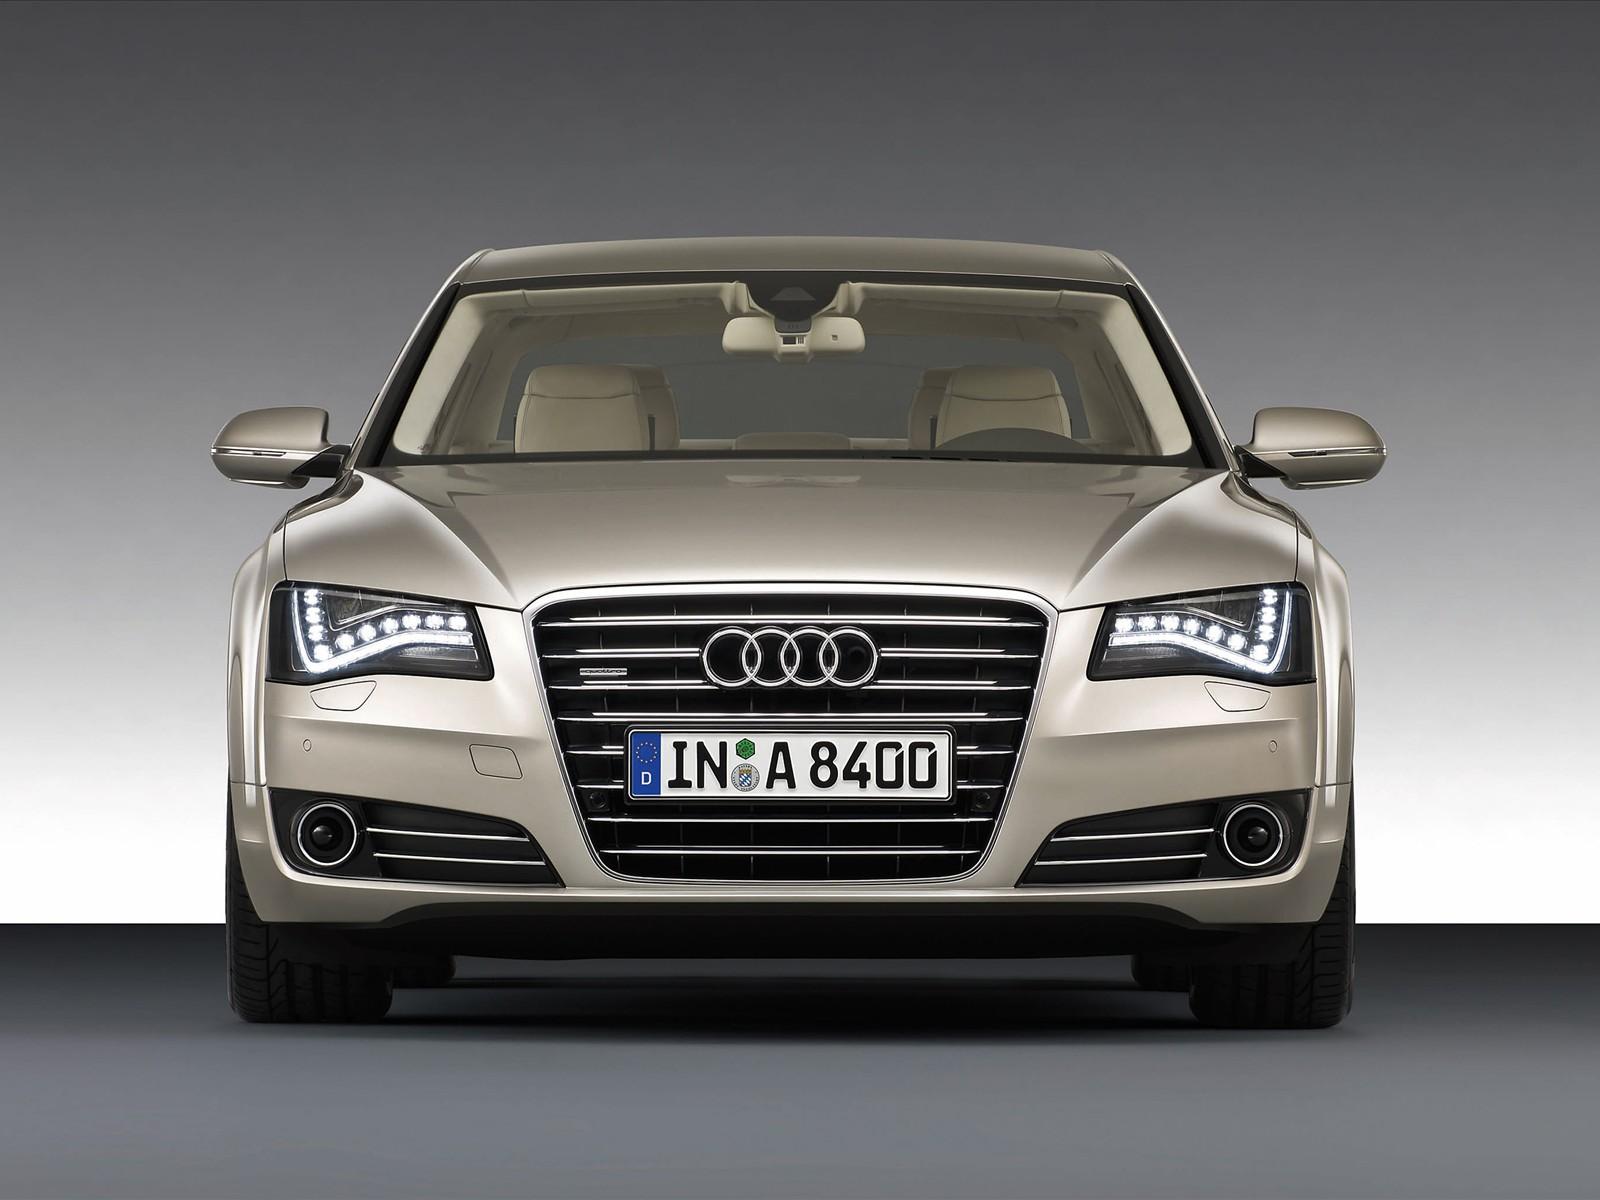 http://4.bp.blogspot.com/-Xtka5L55cQQ/TaO8-LZkdpI/AAAAAAAACE4/Y6Q64TKJfvM/s1600/Audi+A8+2011+photo.jpg